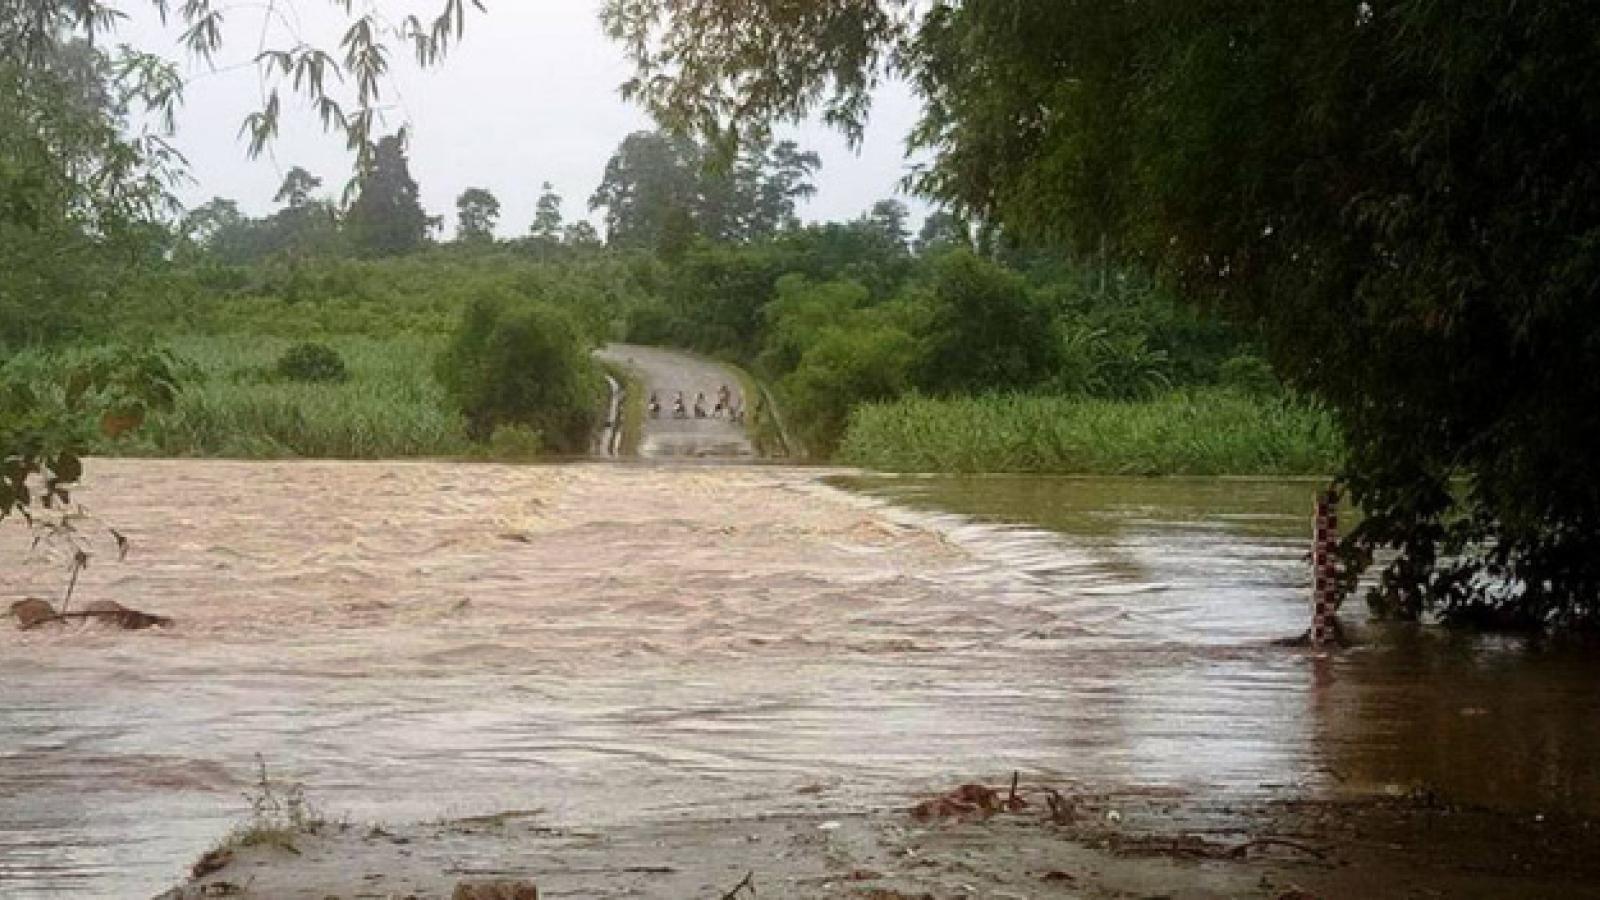 Nghe An confronts severe flood and landslides